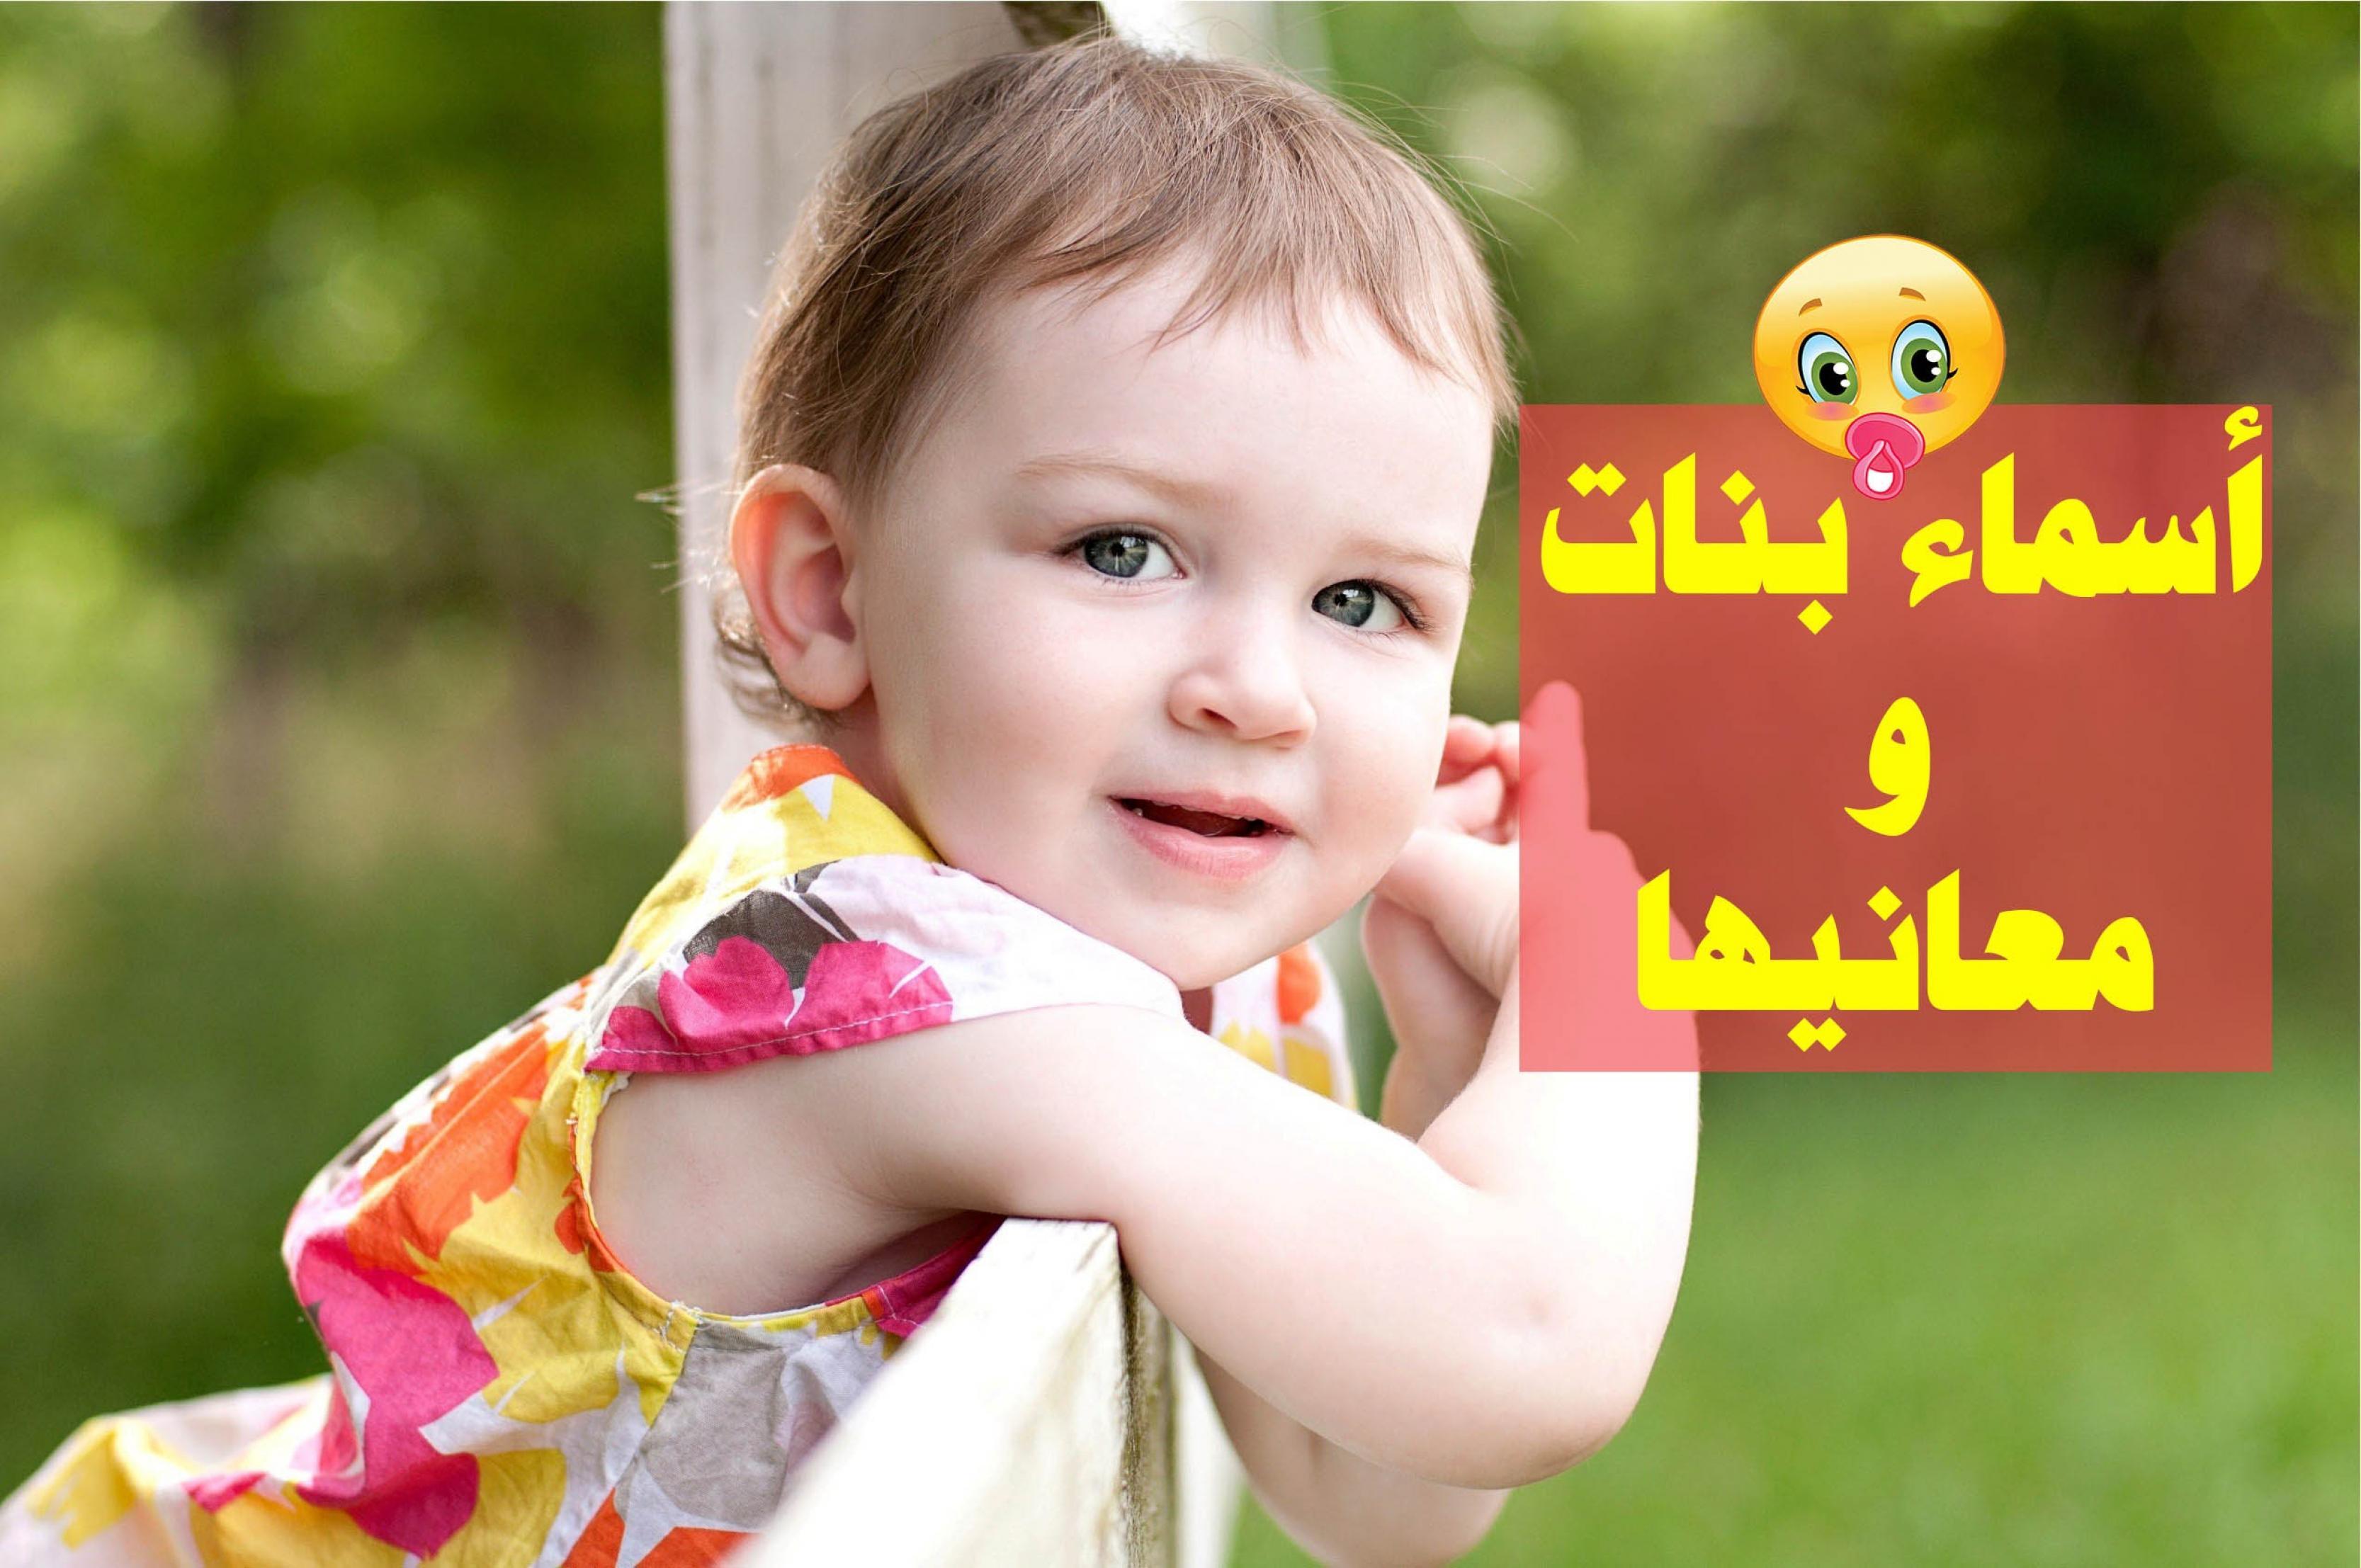 صور اجمل اسماء البنات الاسلاميه